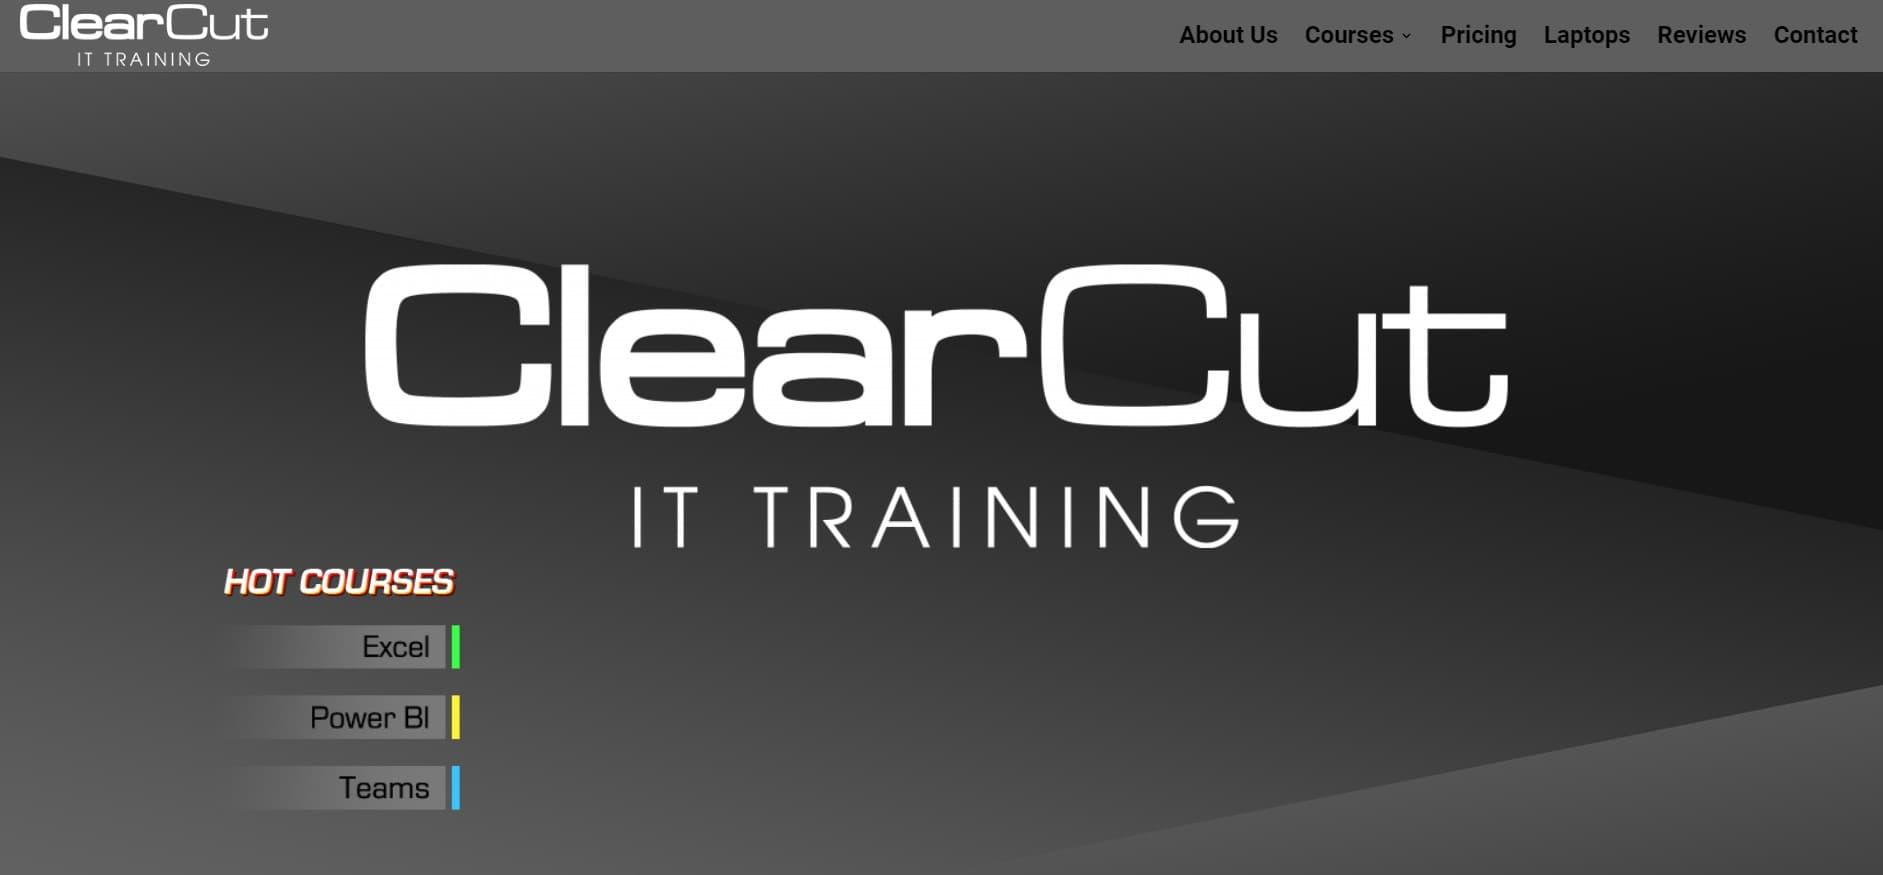 ClearCut IT Website